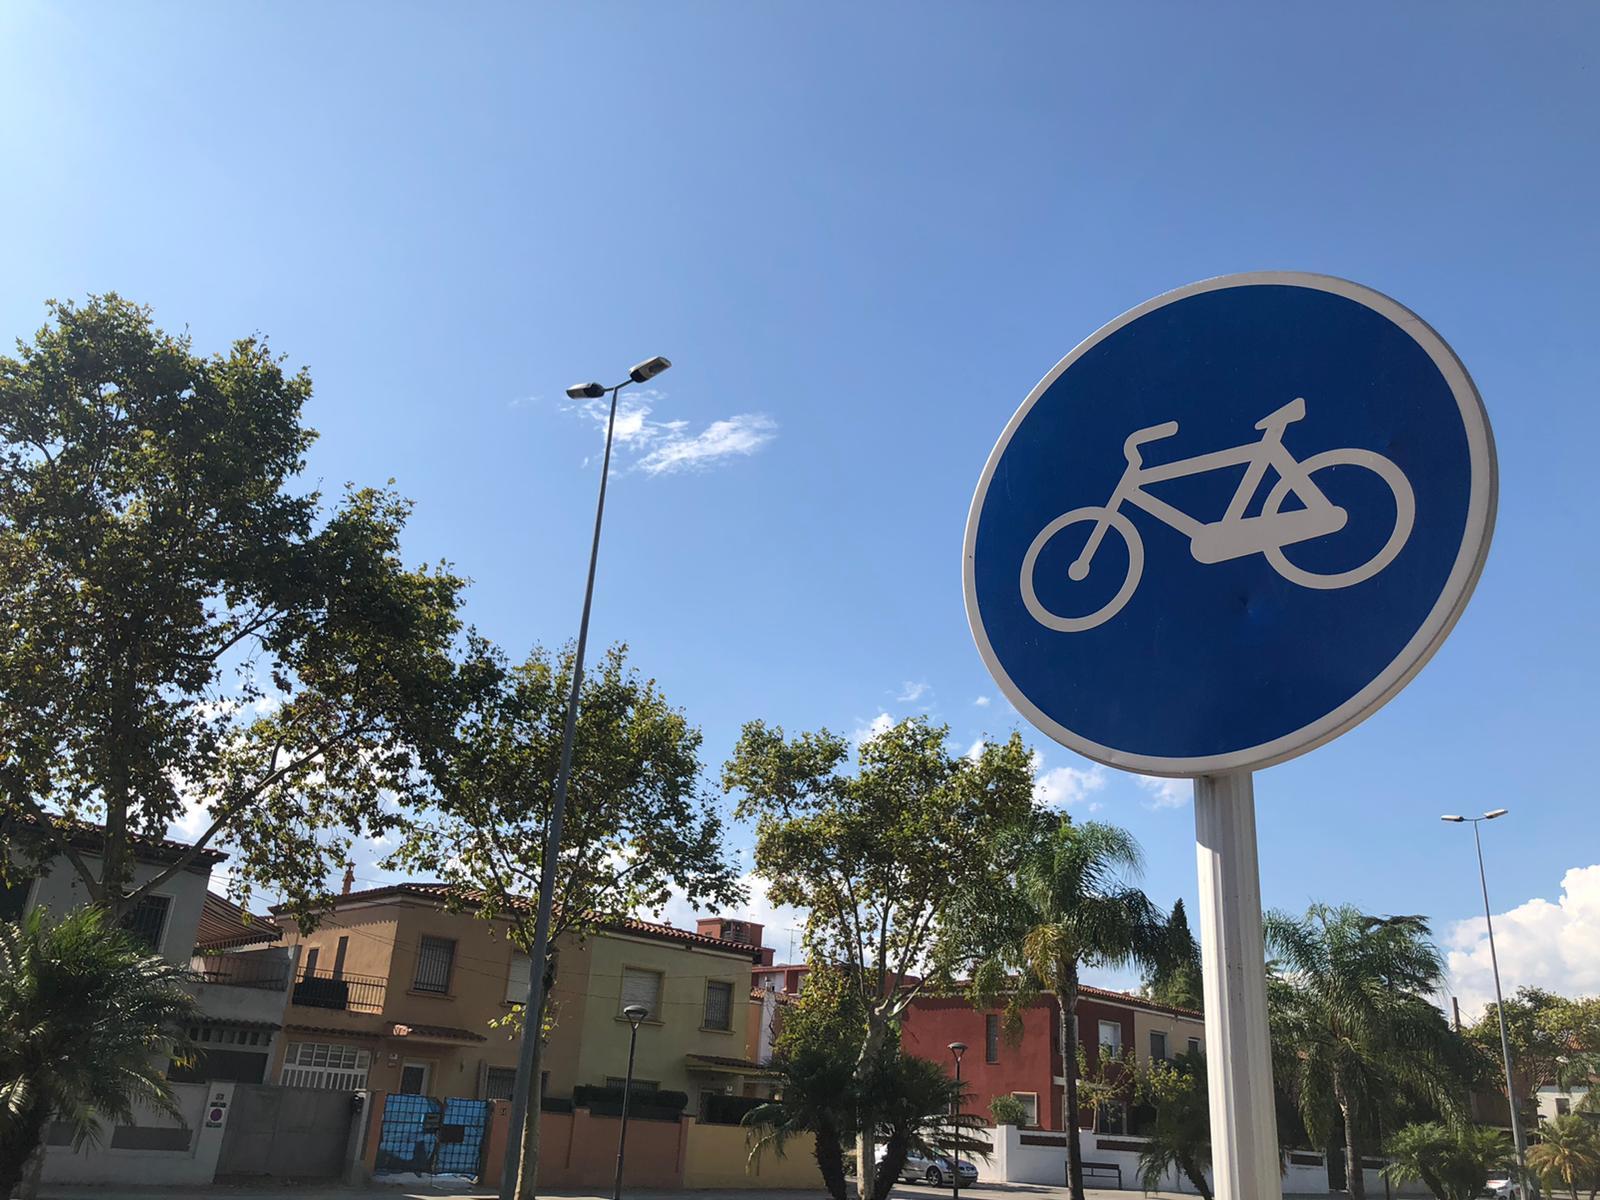 senyal carrils bici a Reus